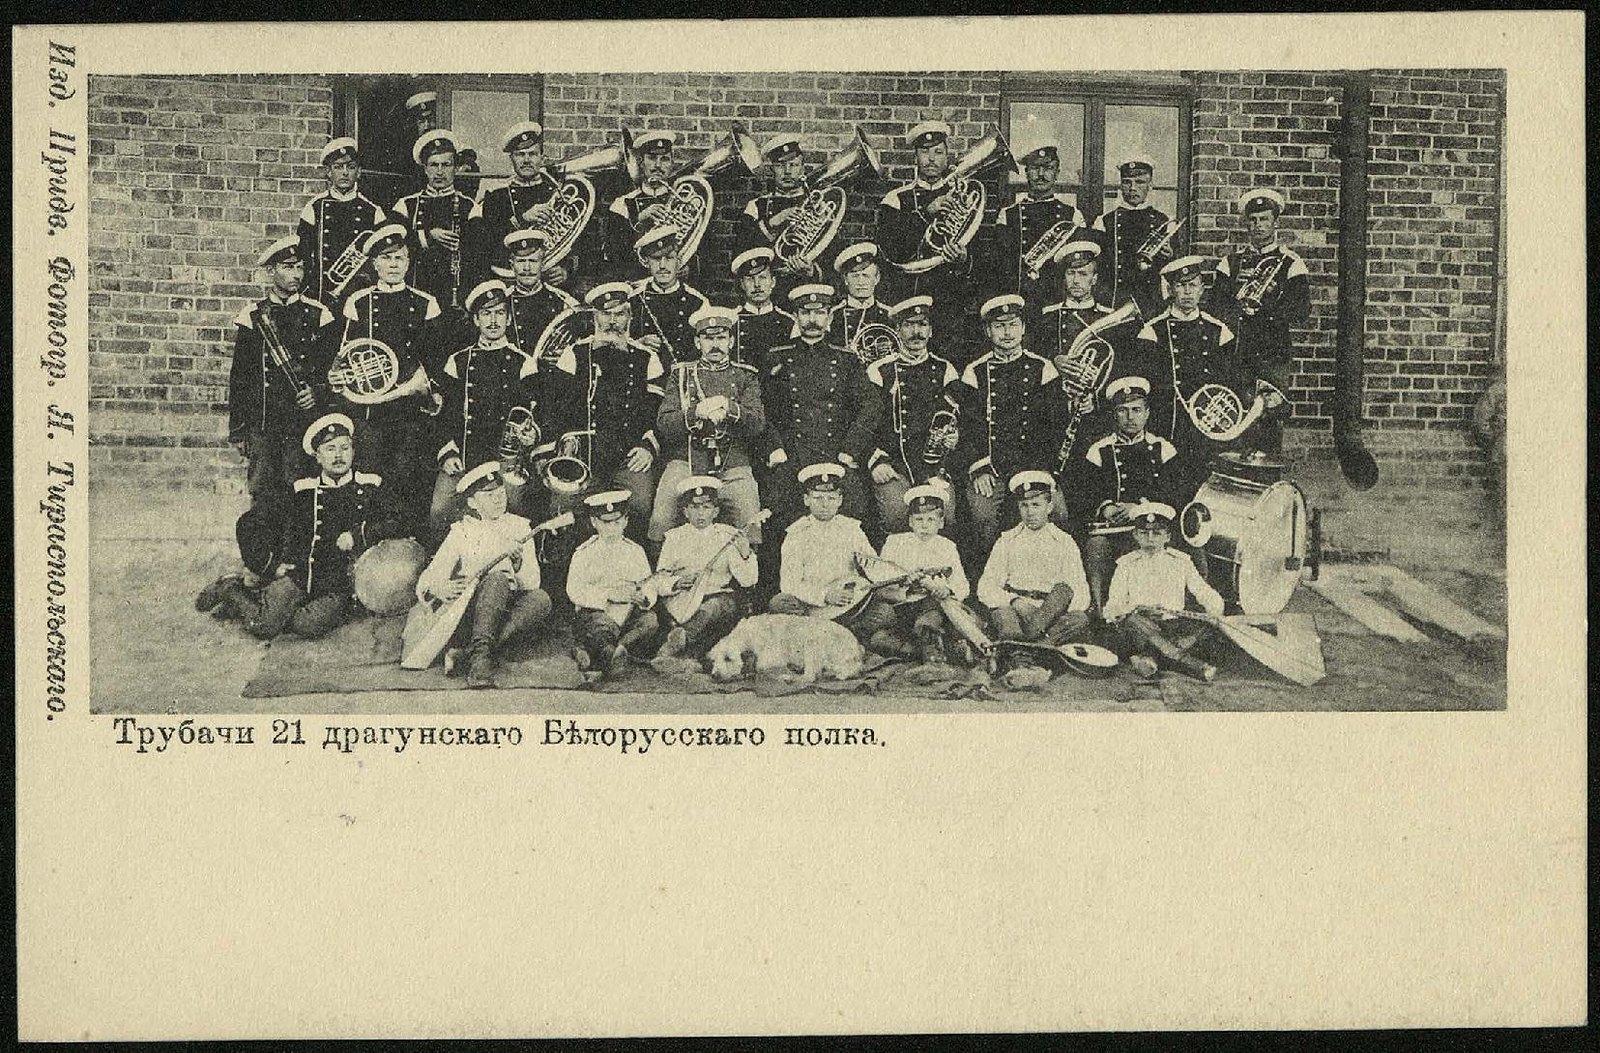 Трубачи 21 драгунского Белорусского полка. (2)